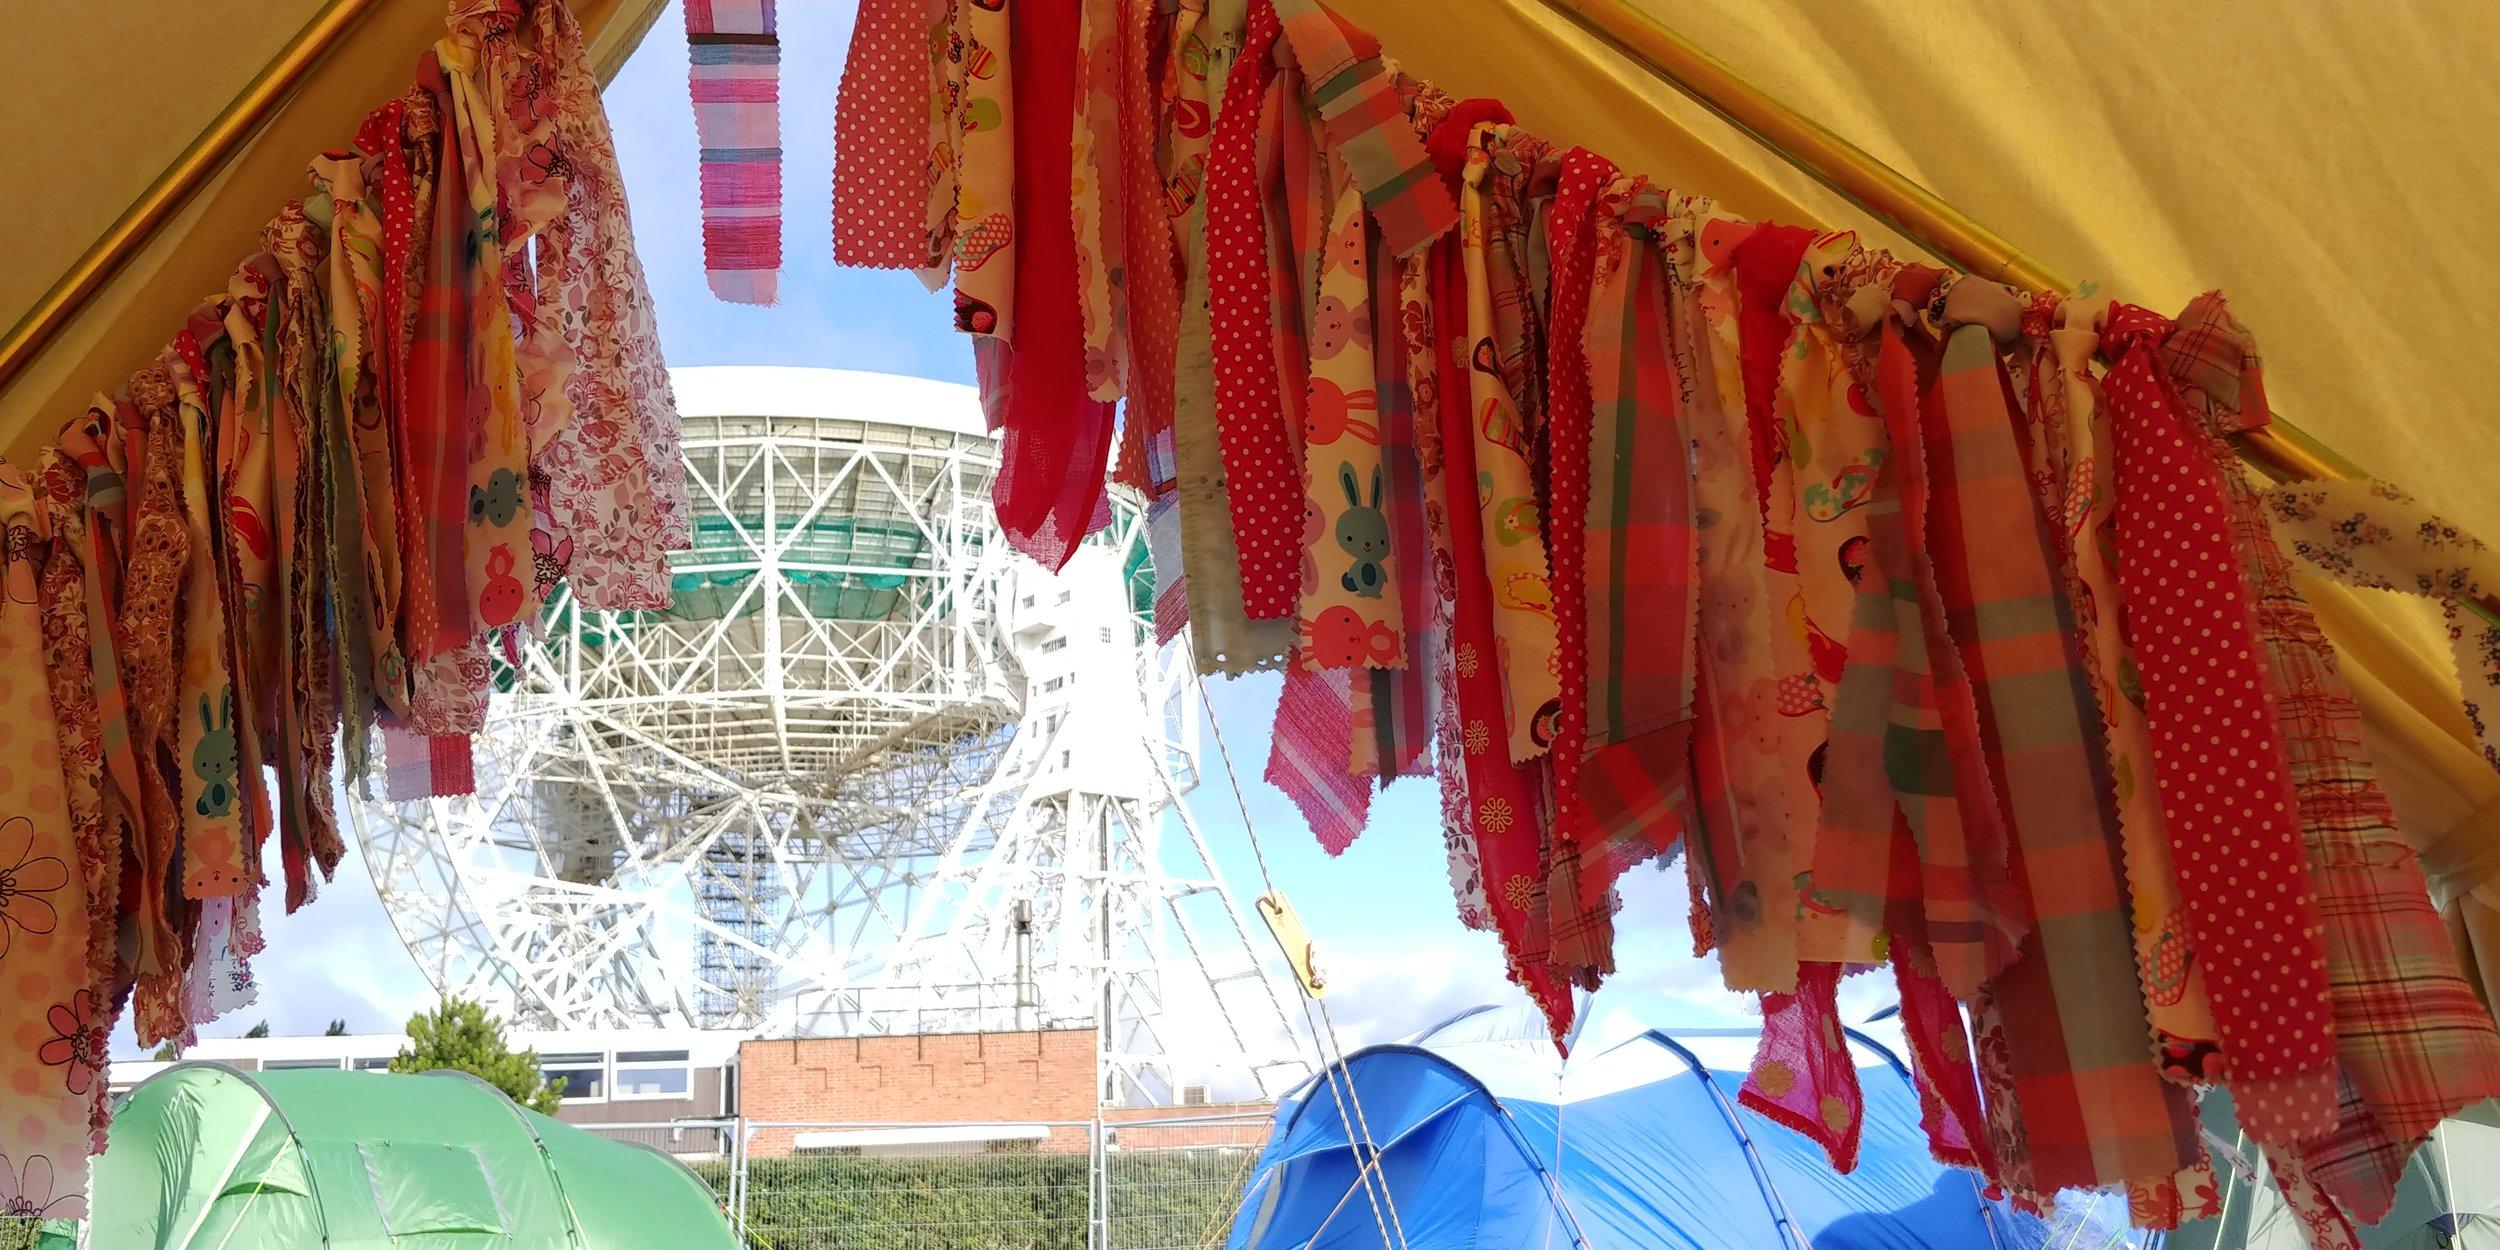 Homemade bell tent fringe - essential festival kit.